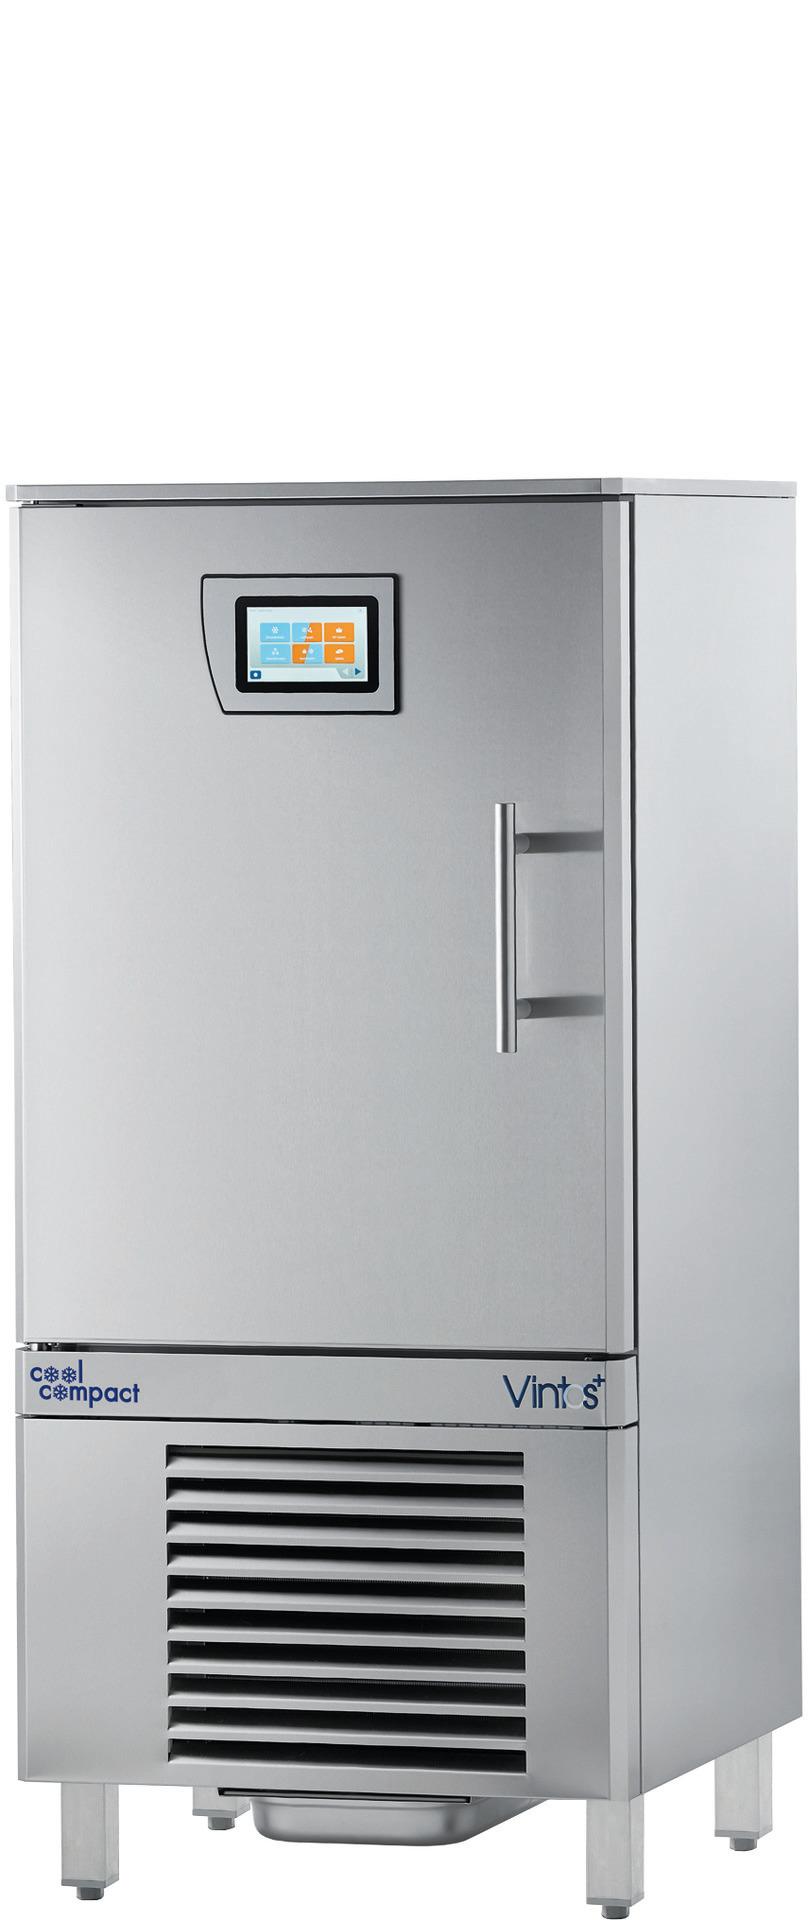 Schnellkühler / Schockfroster 10x GN 1/1 Quereinschub / steckerfertig